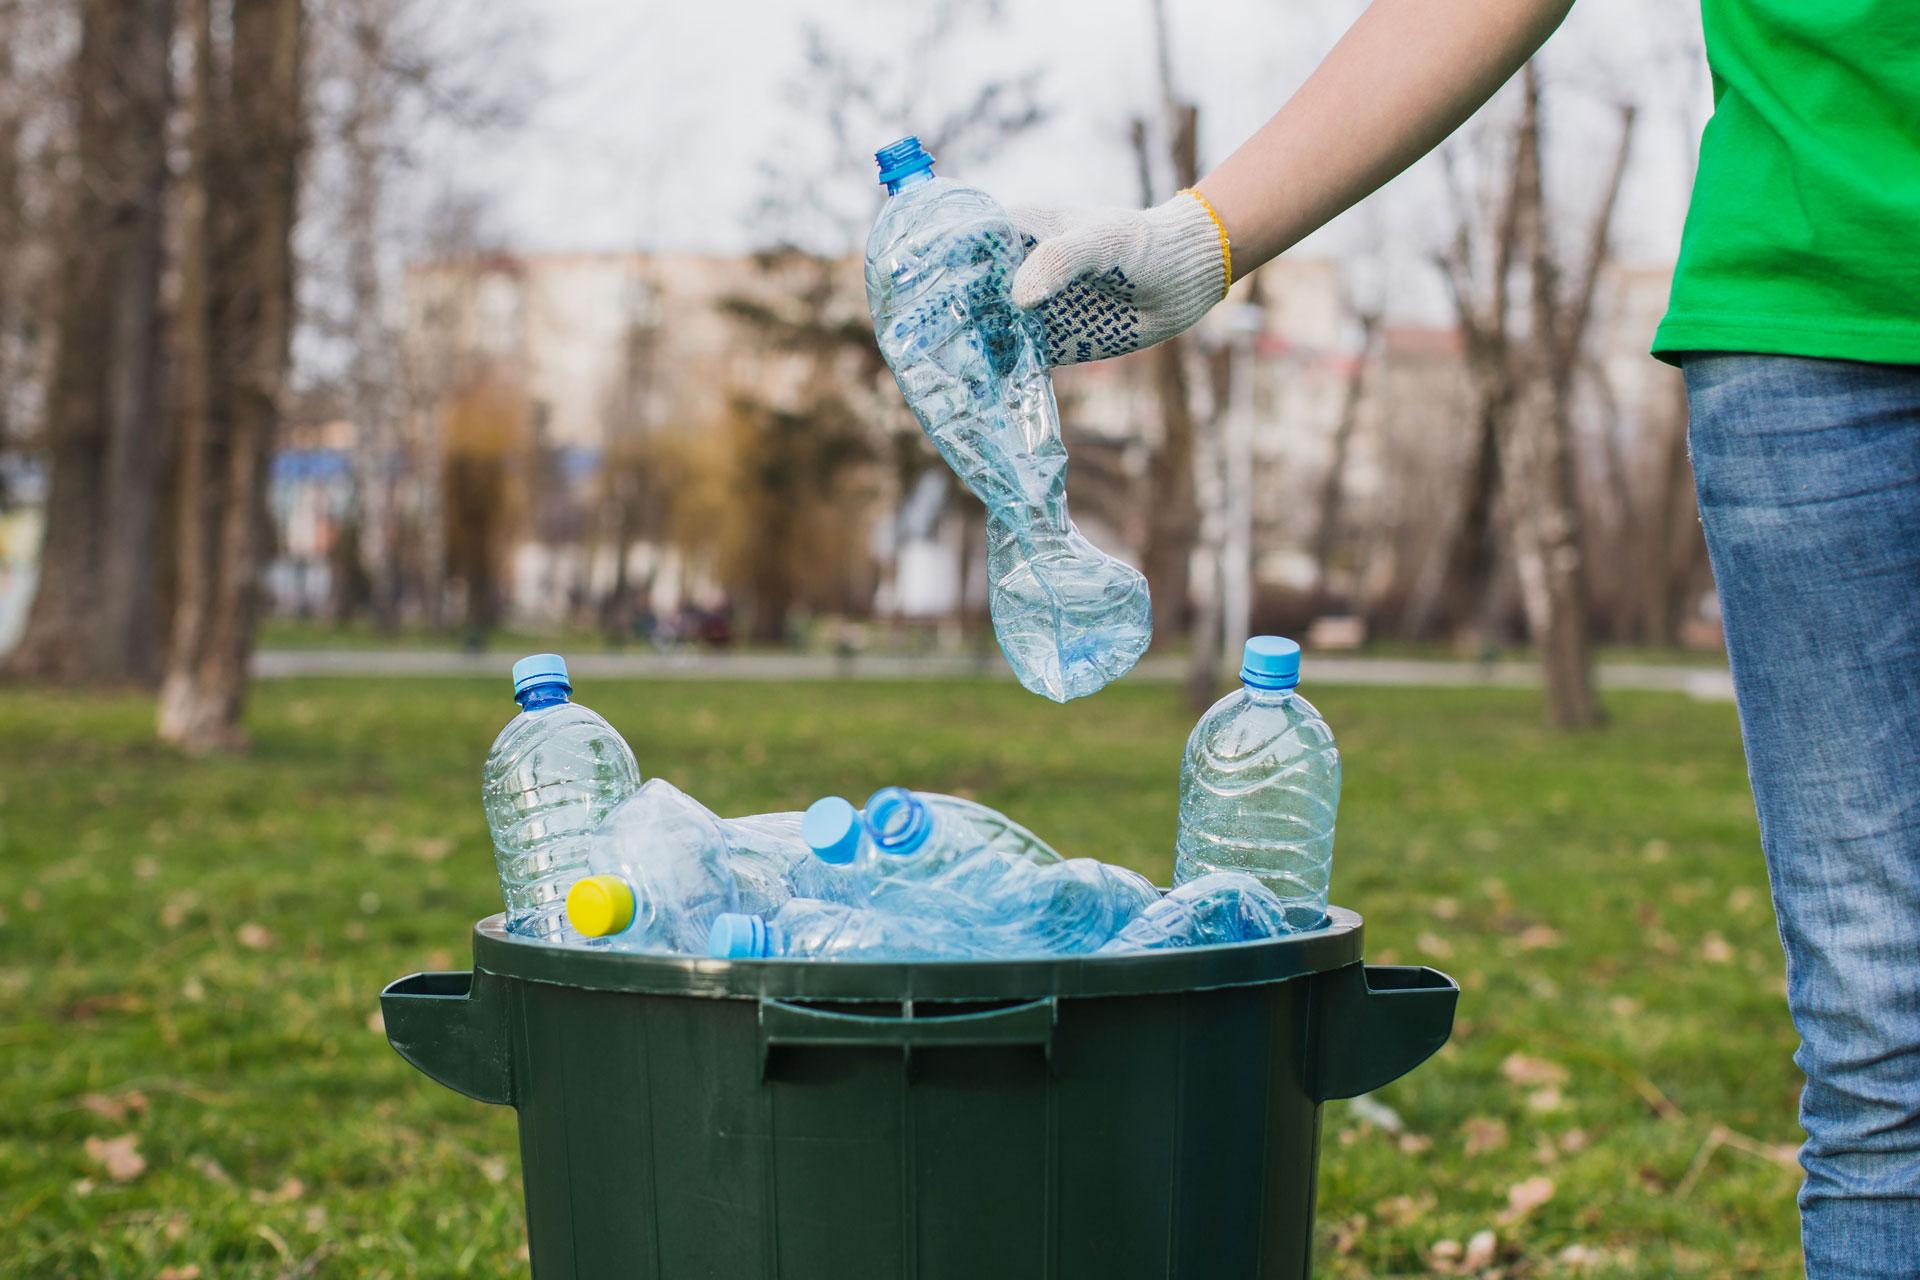 2025 yılında yüzde 100 dönüştürülen plastikler 10 milyon tonu bulacak